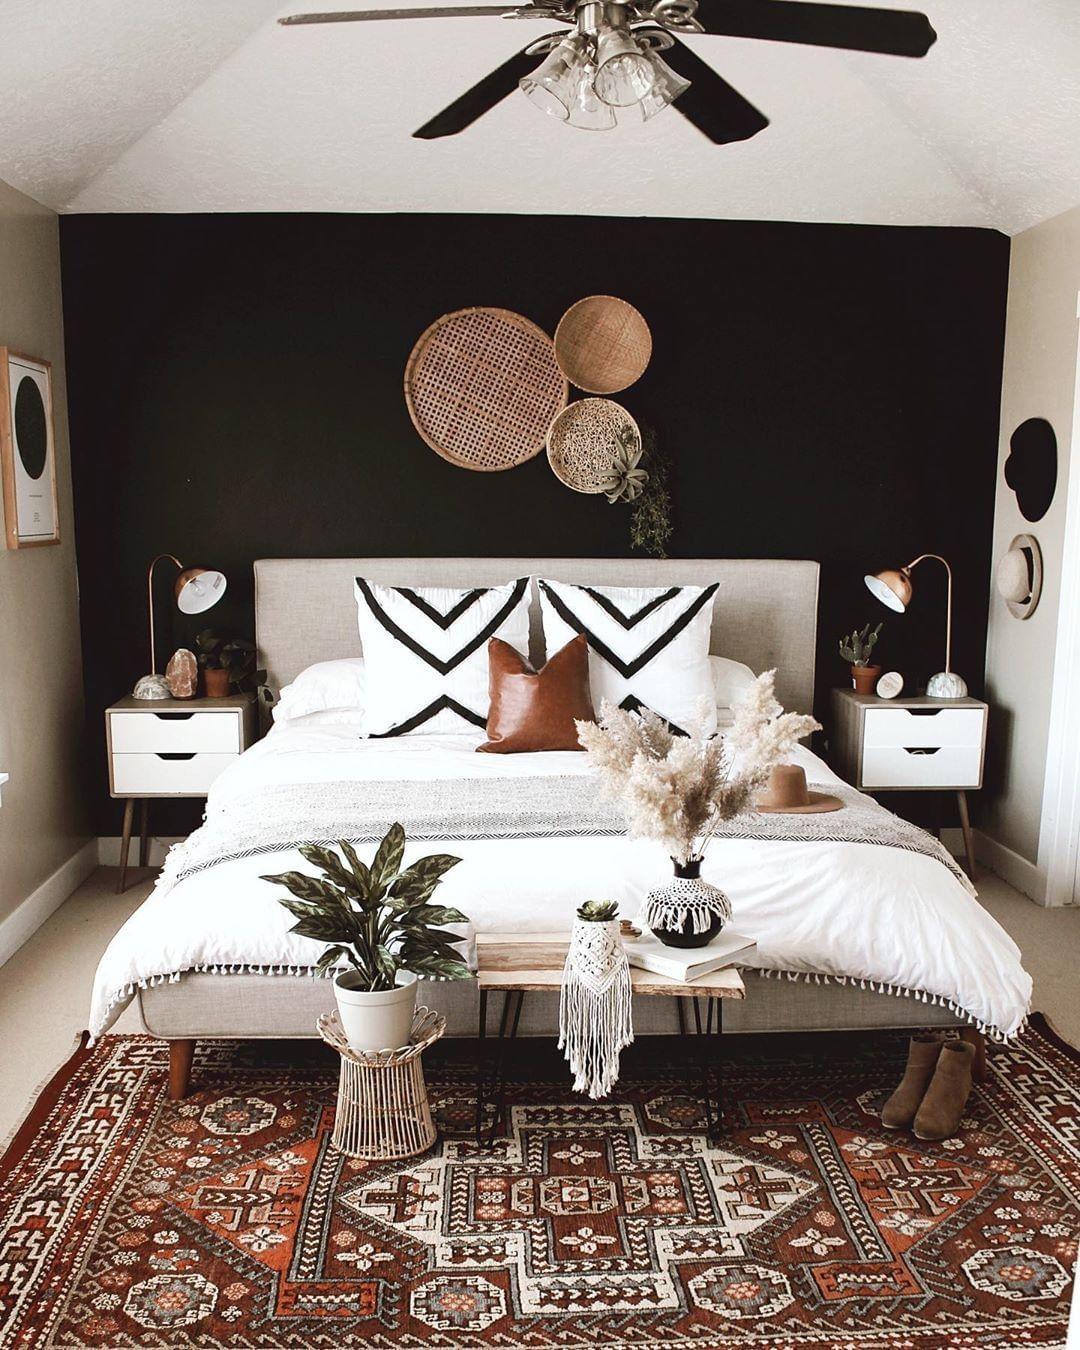 240+ Bedroom ideas in 2021 | bedroom decor, bedroom design, bedroom  inspirations